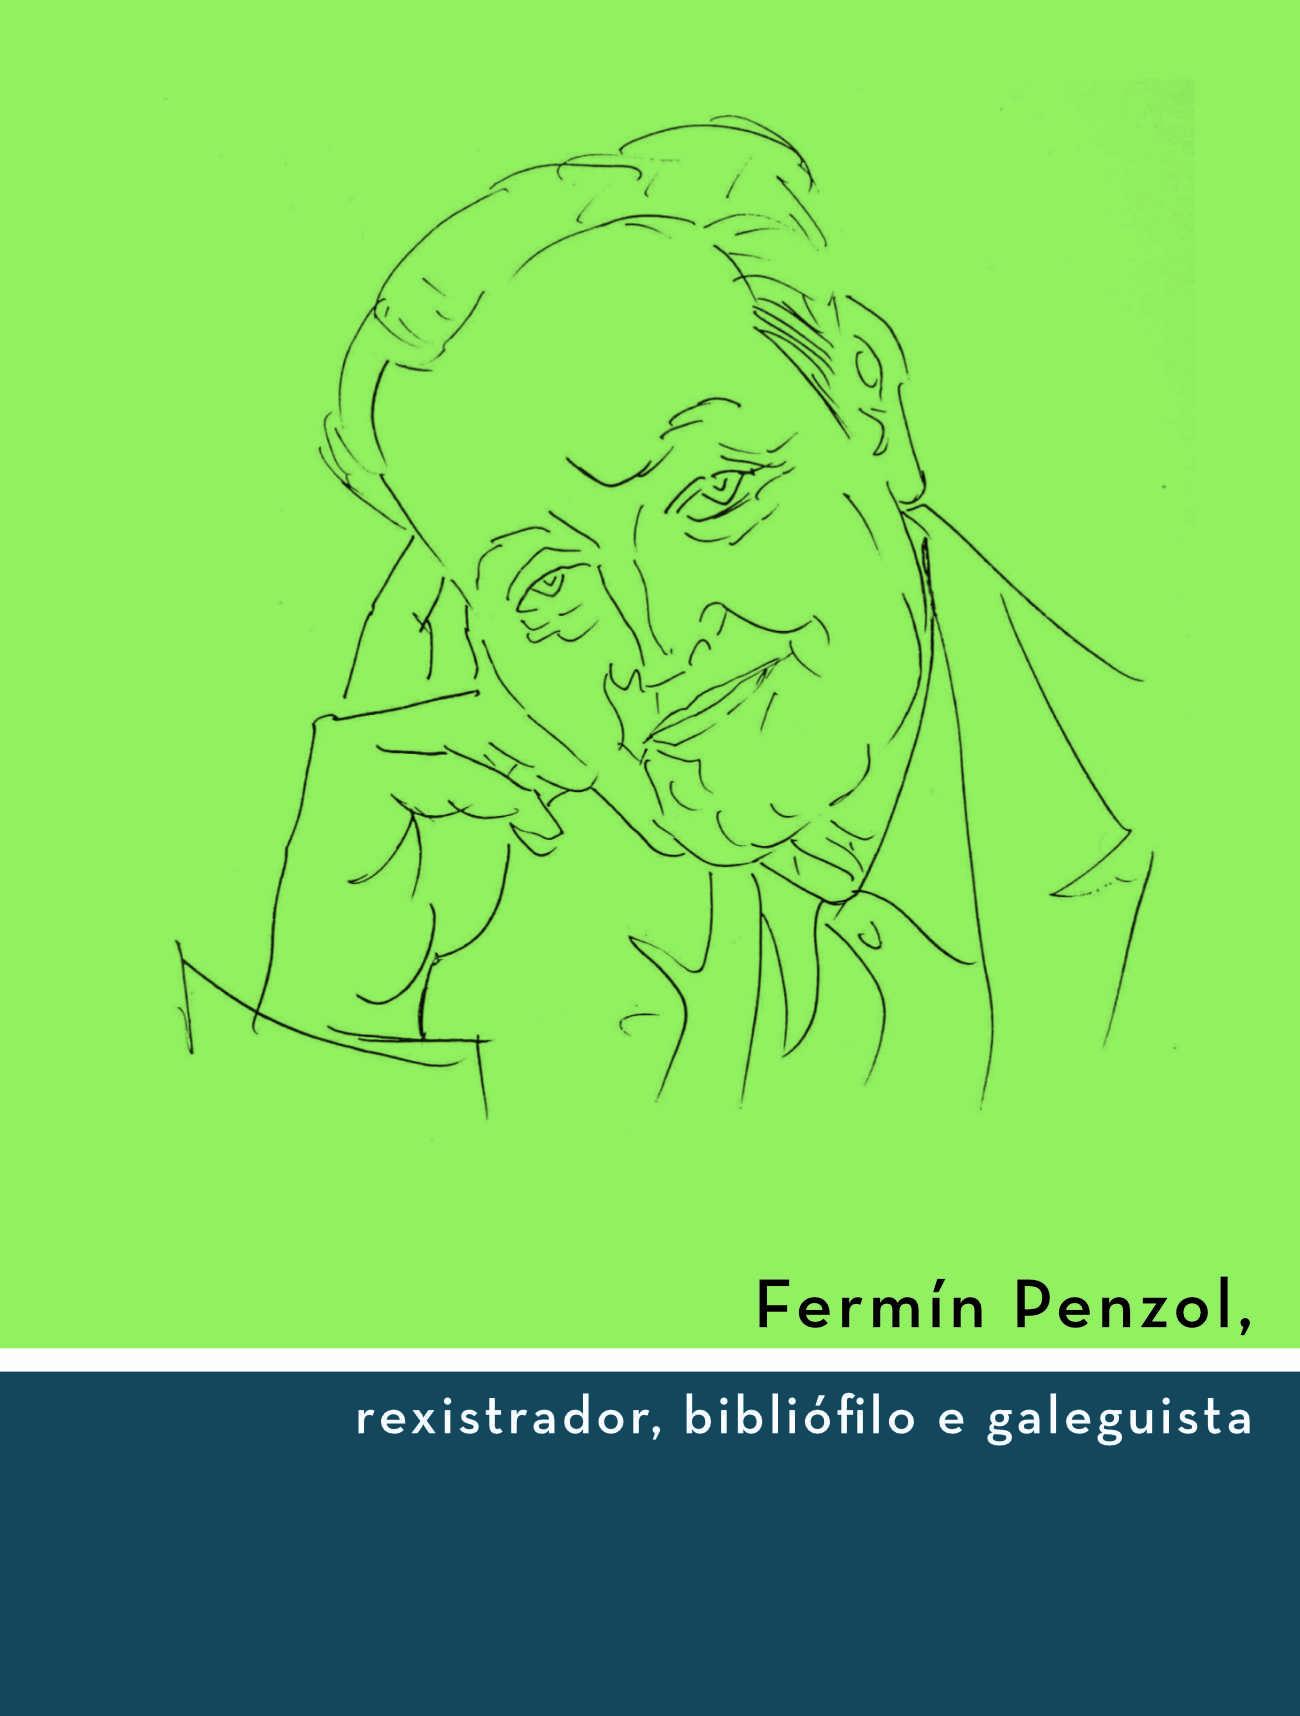 Fermín Penzol